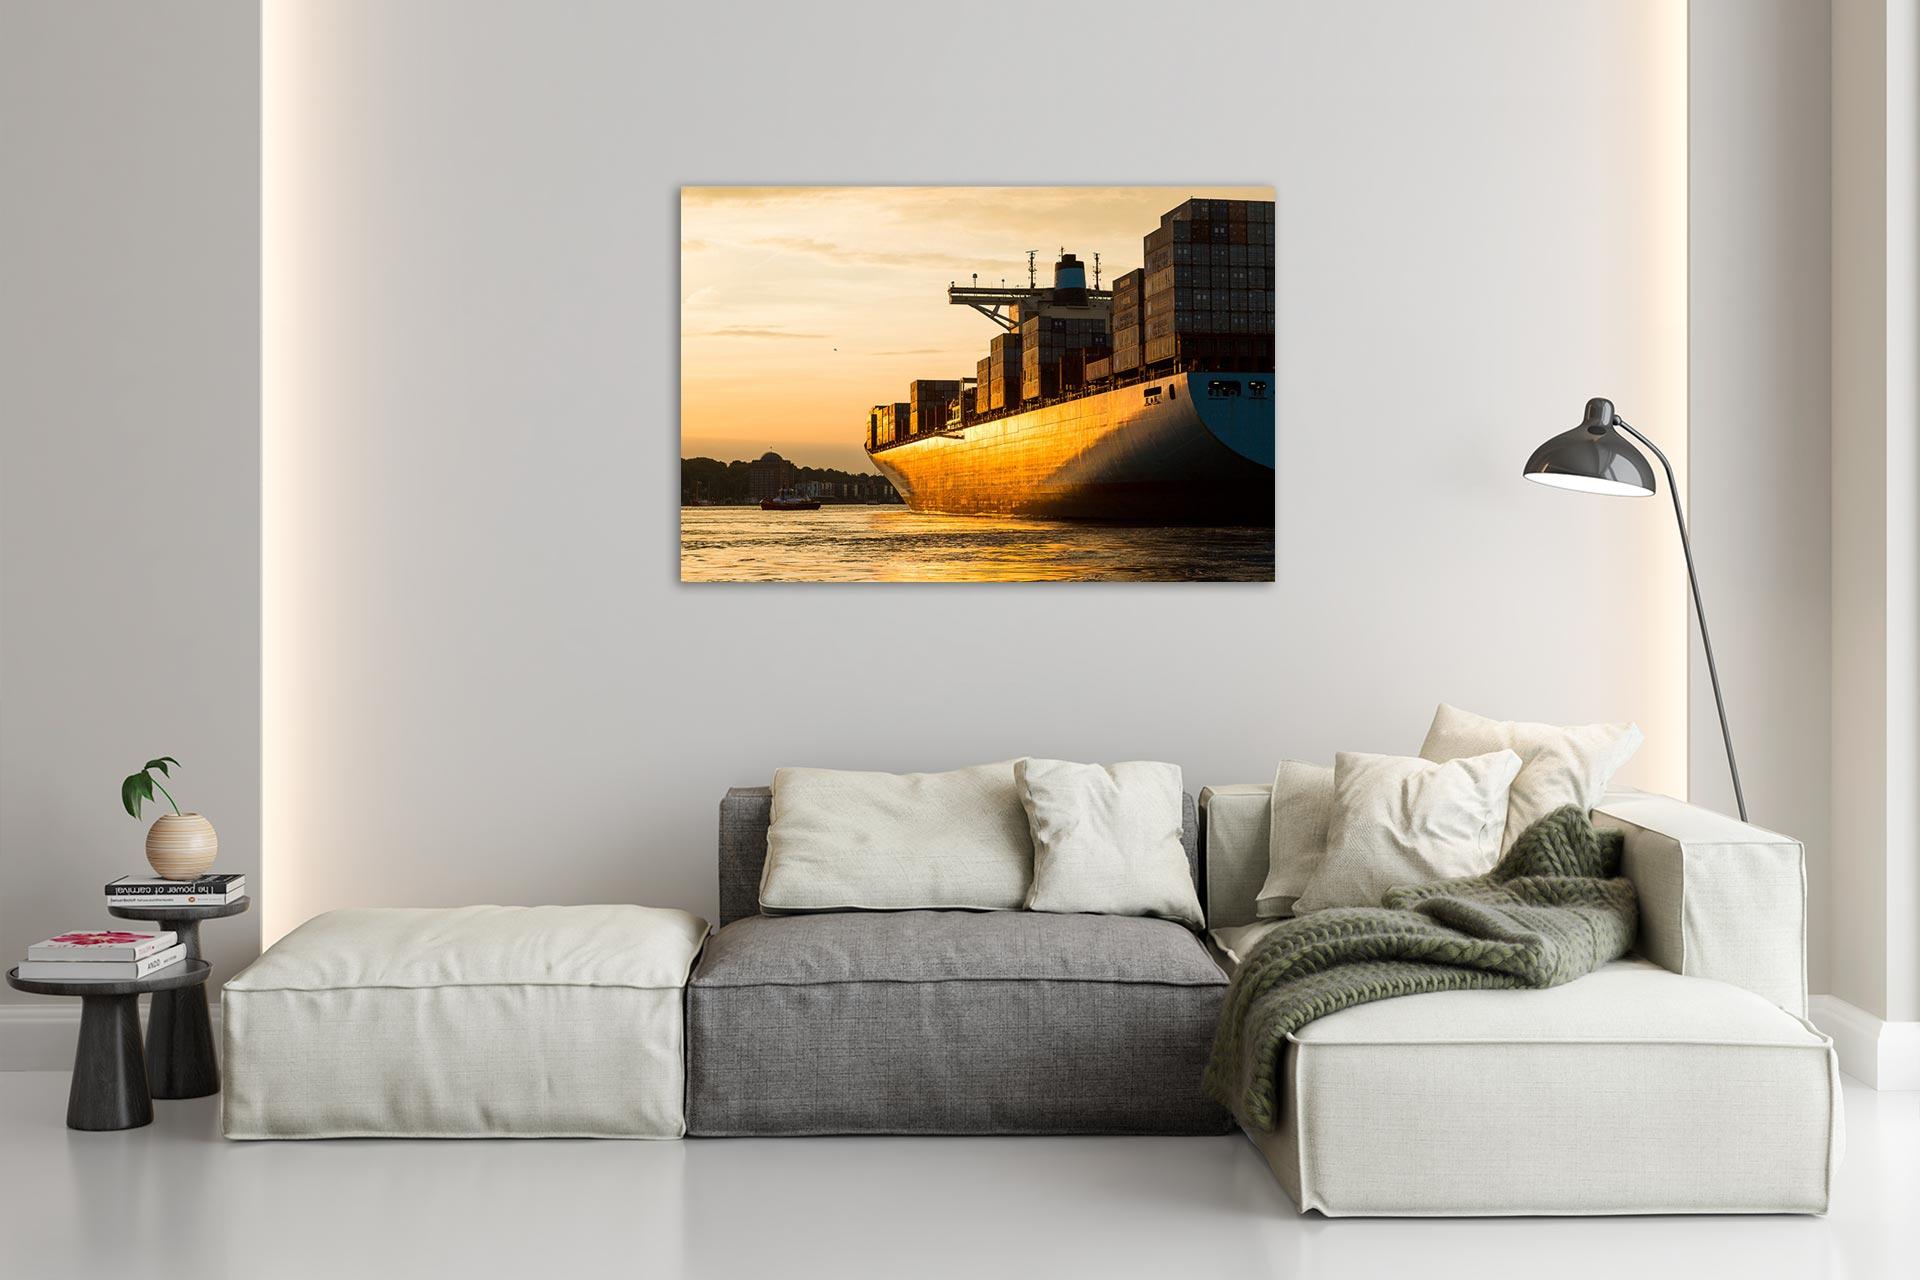 JS090-goldenes-licht-wandbild-bild-auf-leinwand-acrylglas-aludibond-wohnzimmer